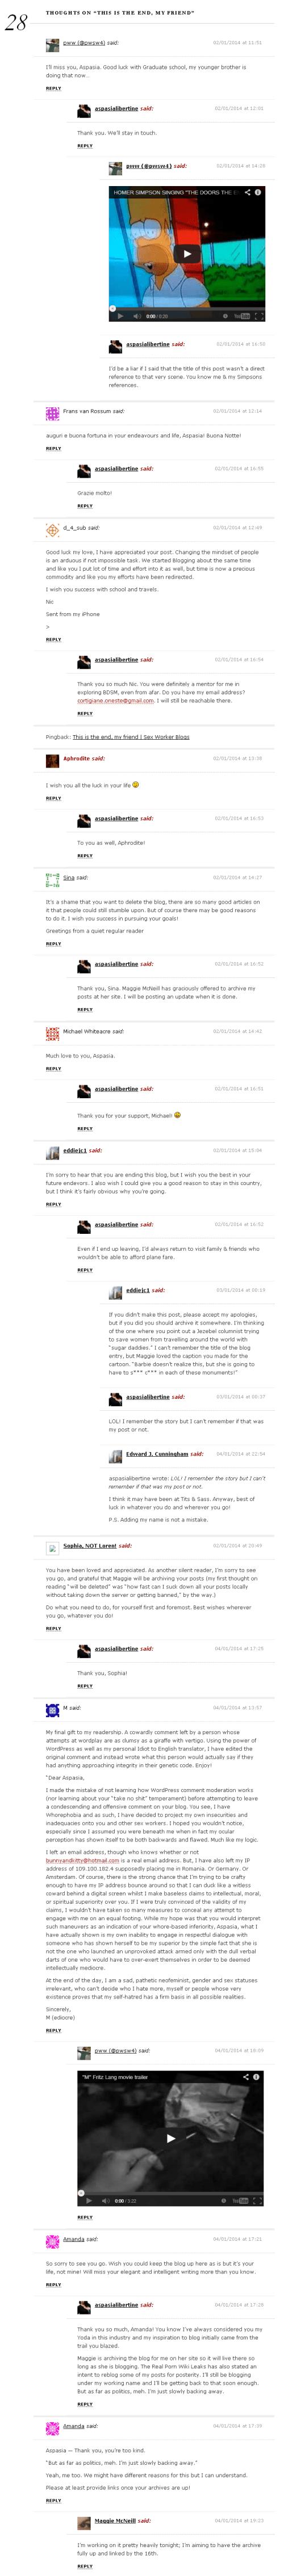 comments 1-2-14